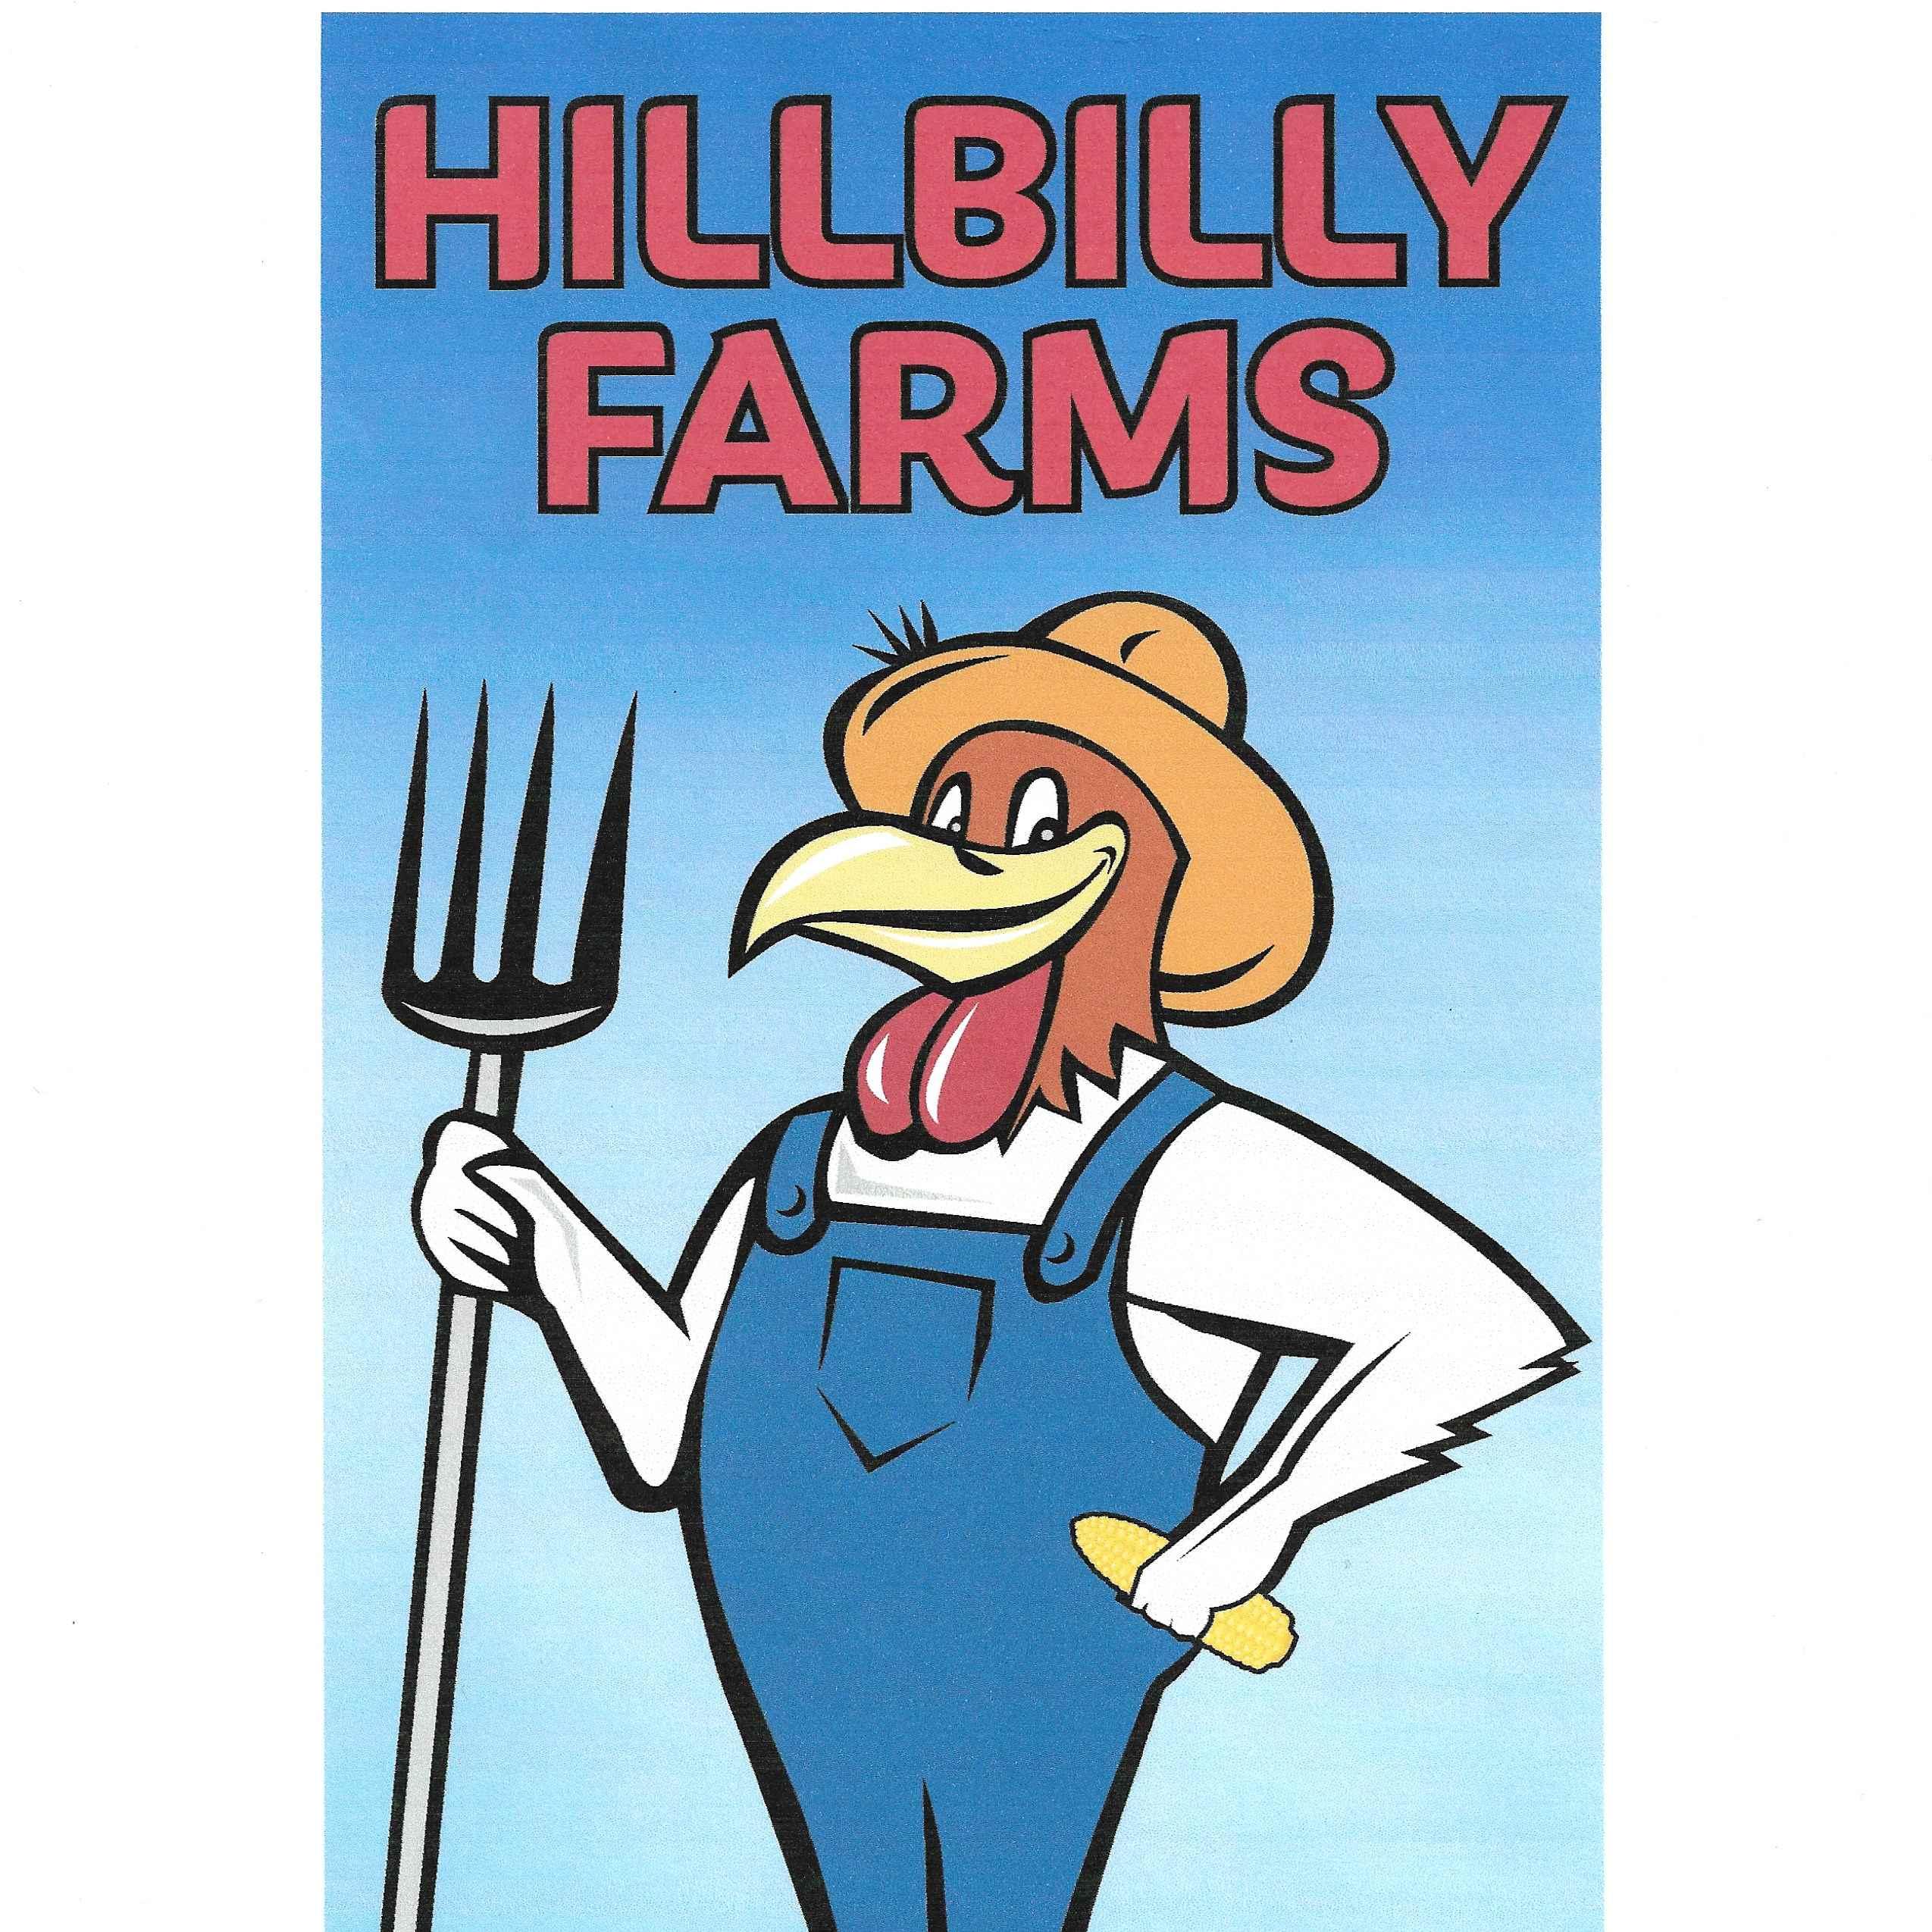 Hillbilly Farms